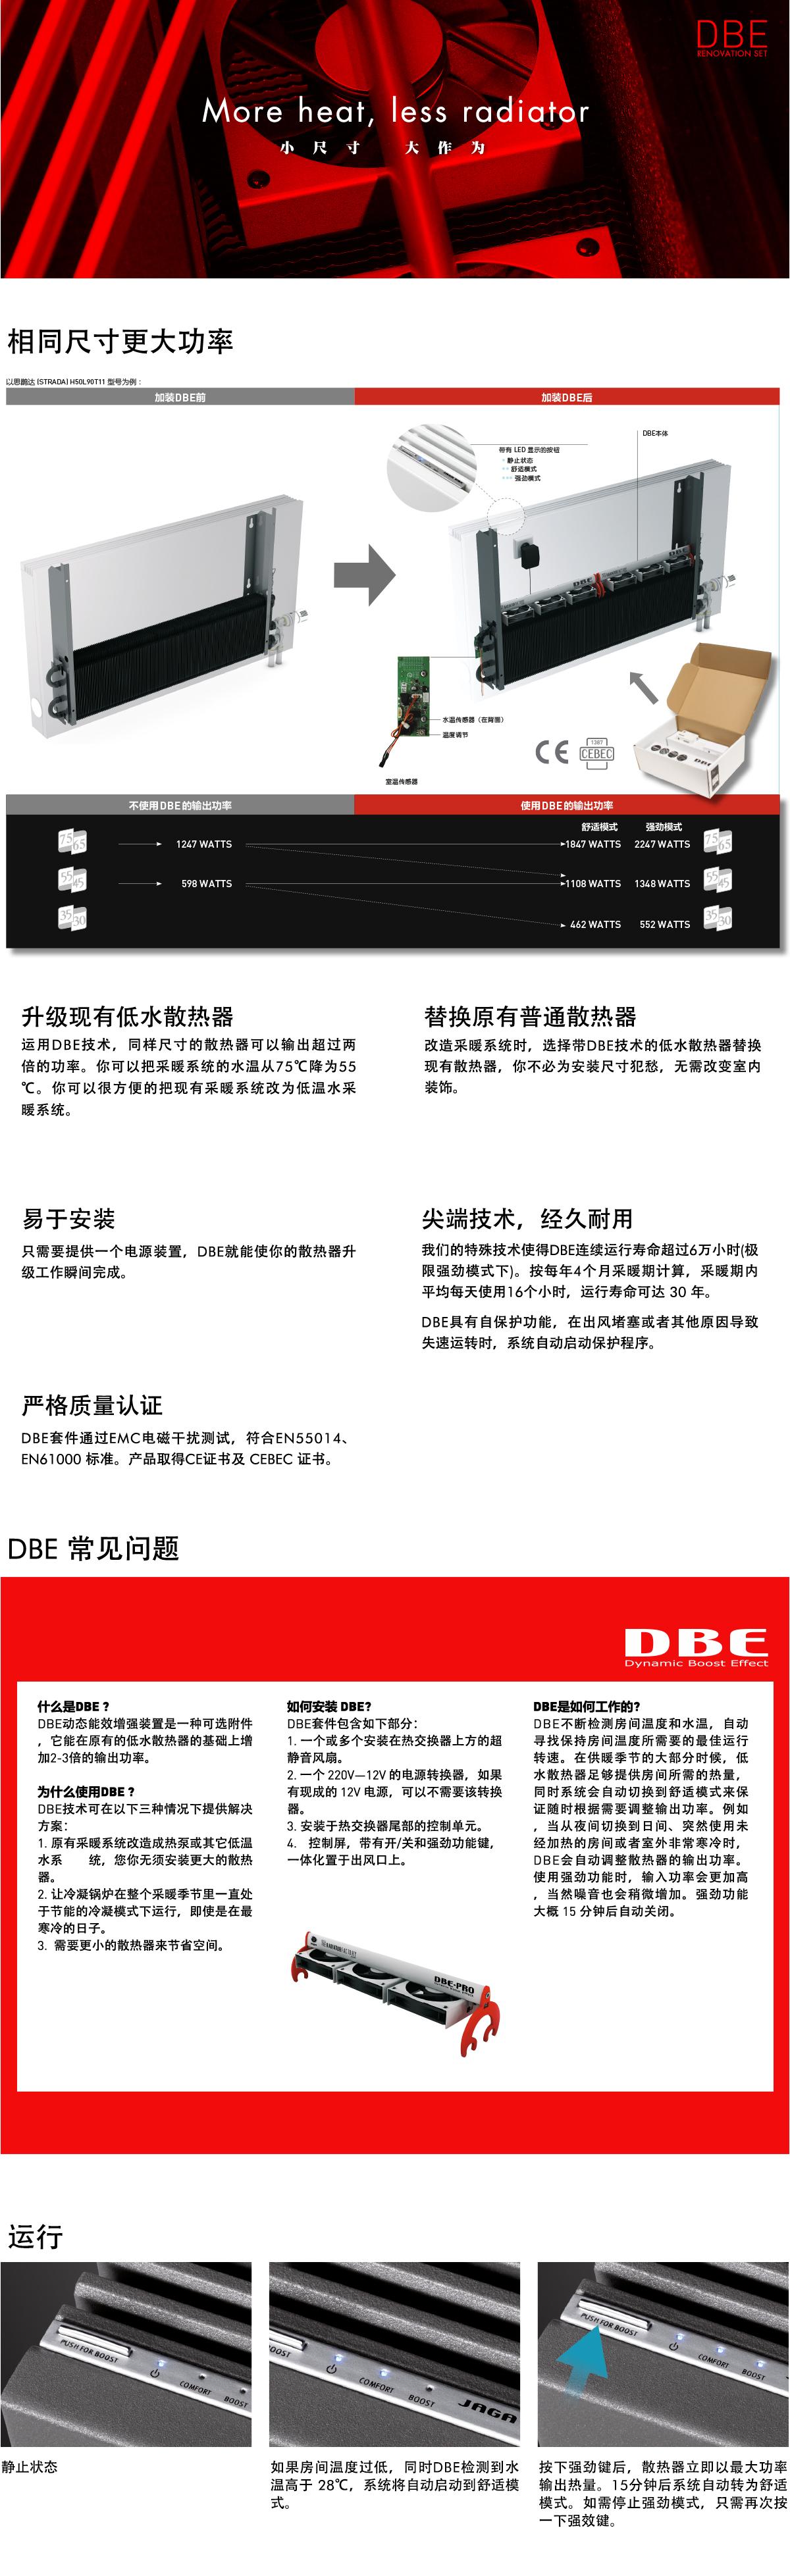 动态增强技术(DBE) - 雅凯Jaga